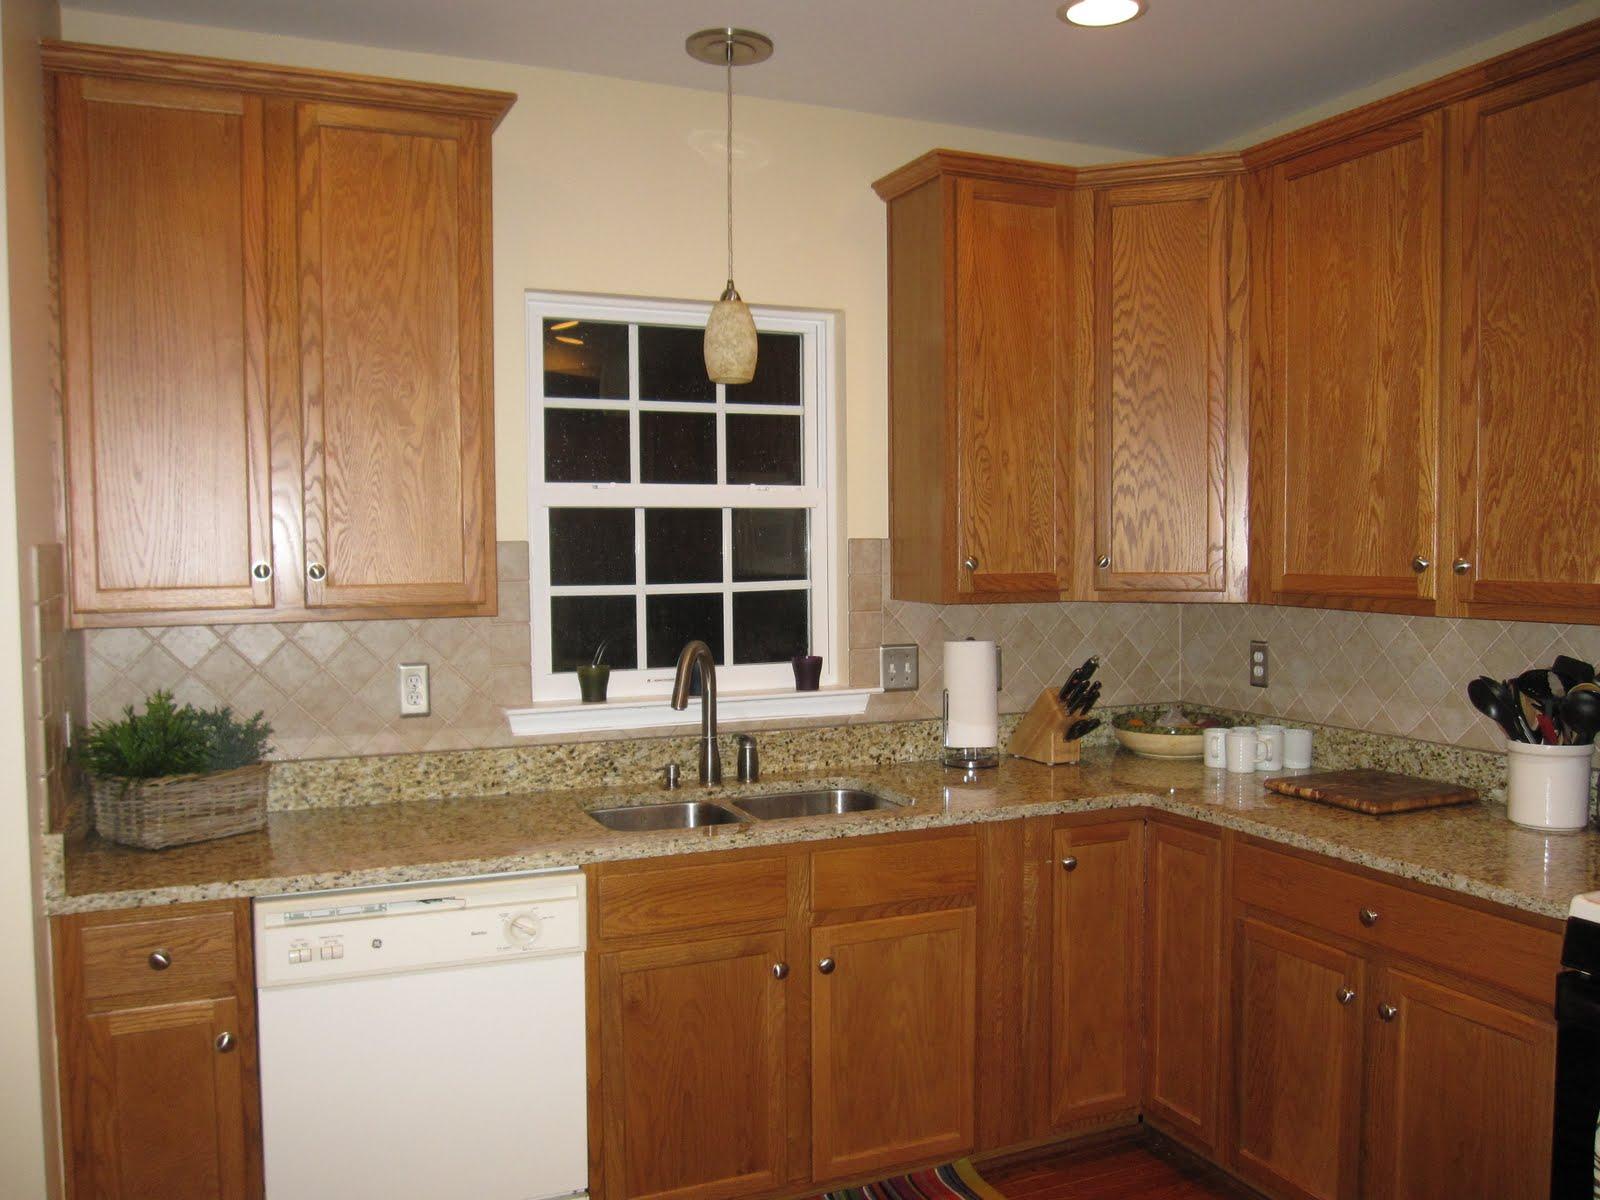 lil suzy homemaker: movin' on up: kitchen renovation